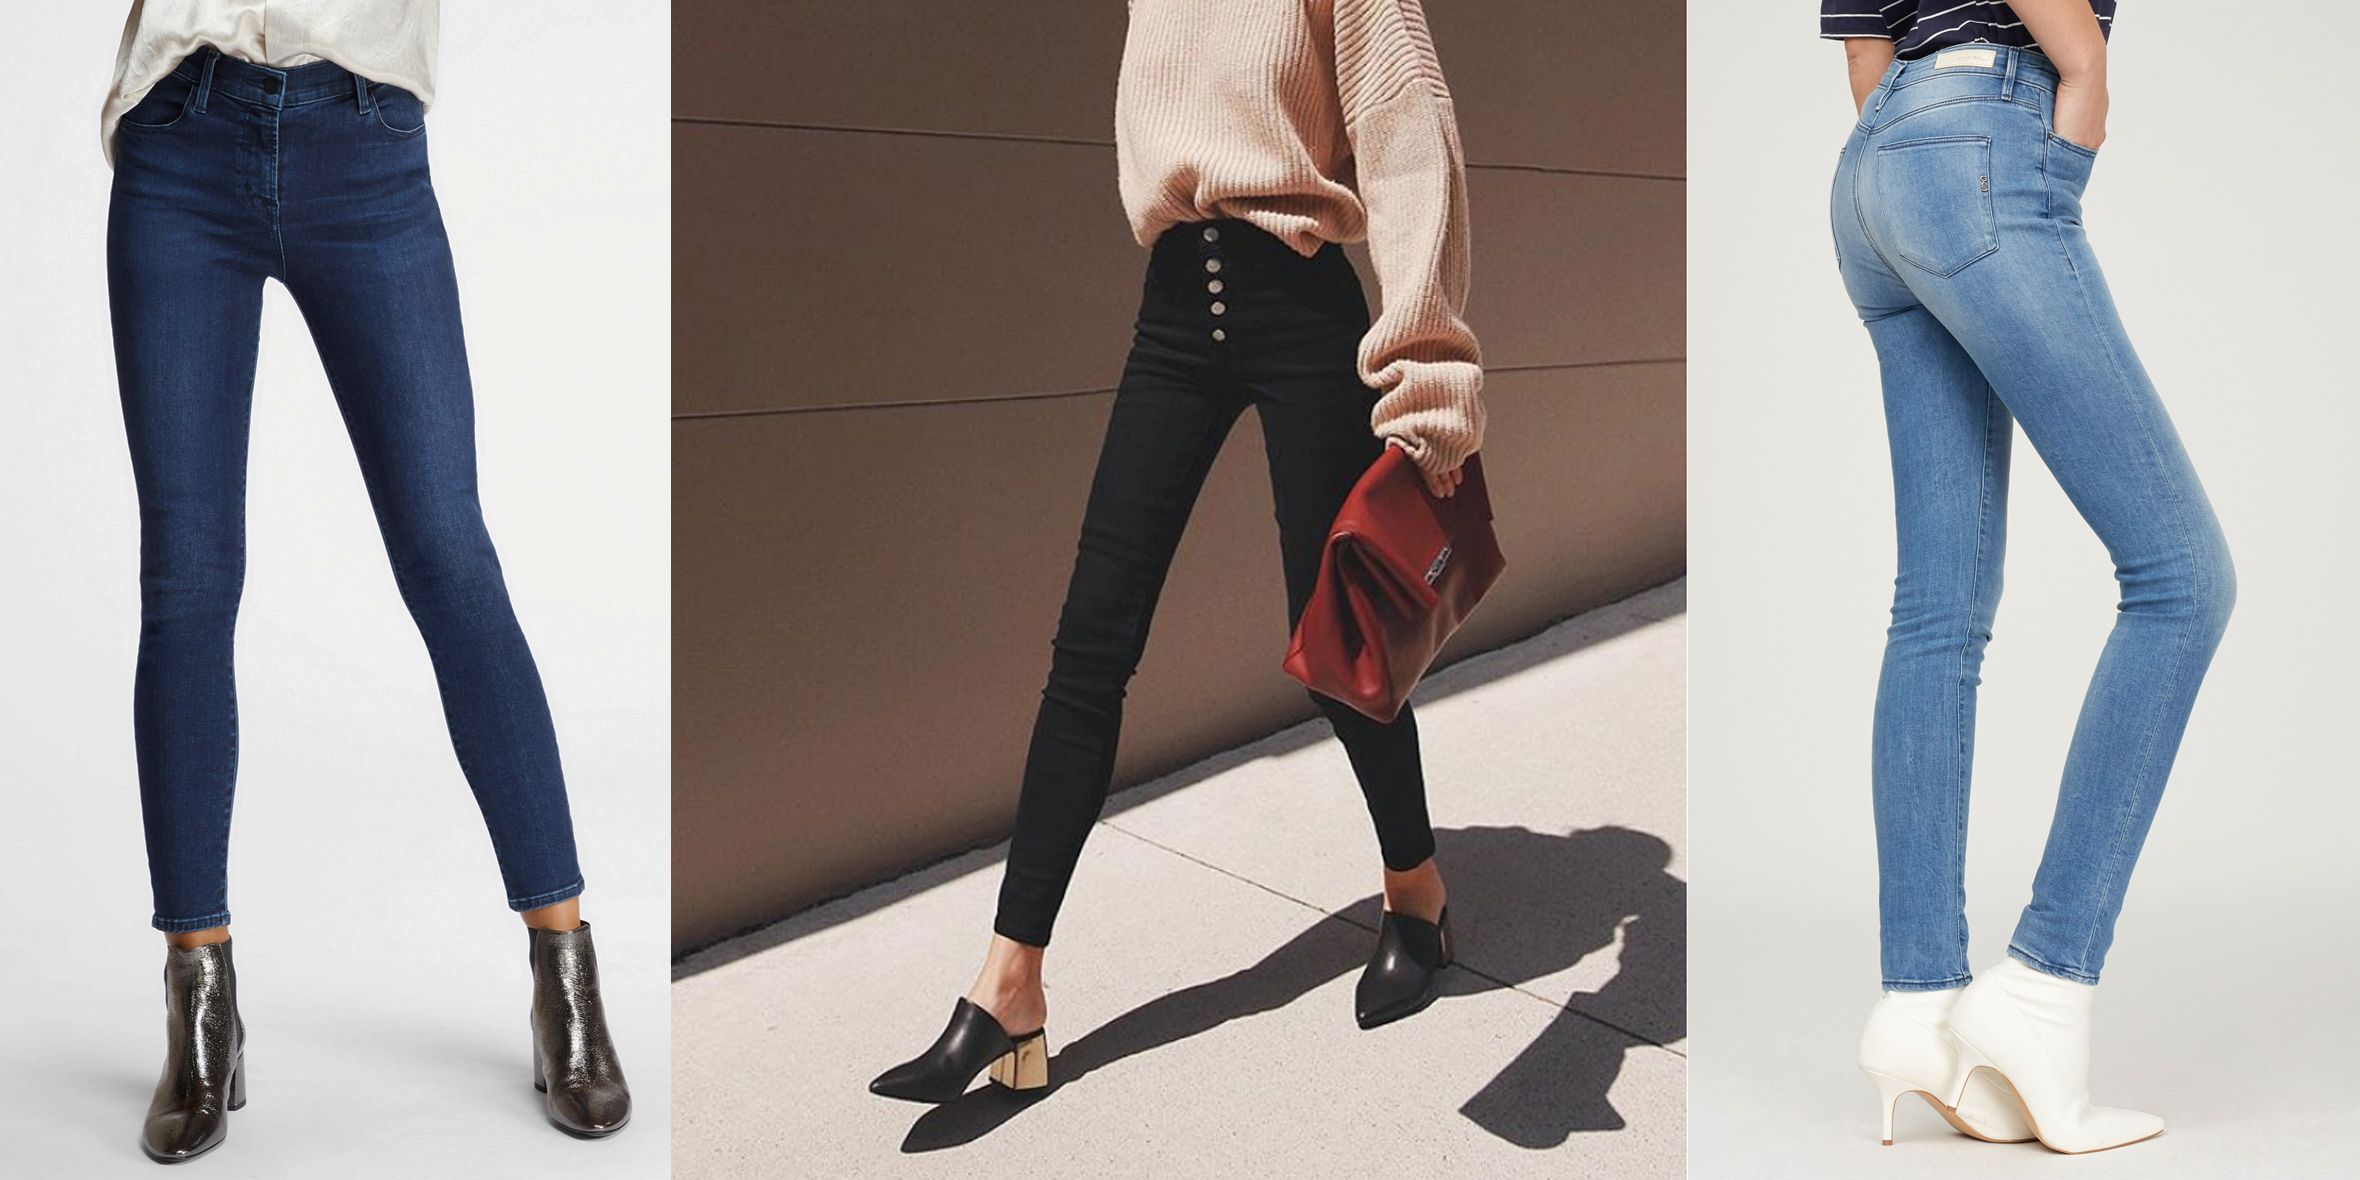 Gli skinny jeans 2019 sono qui, sono tornati ad essere di super tendenza  con tanta